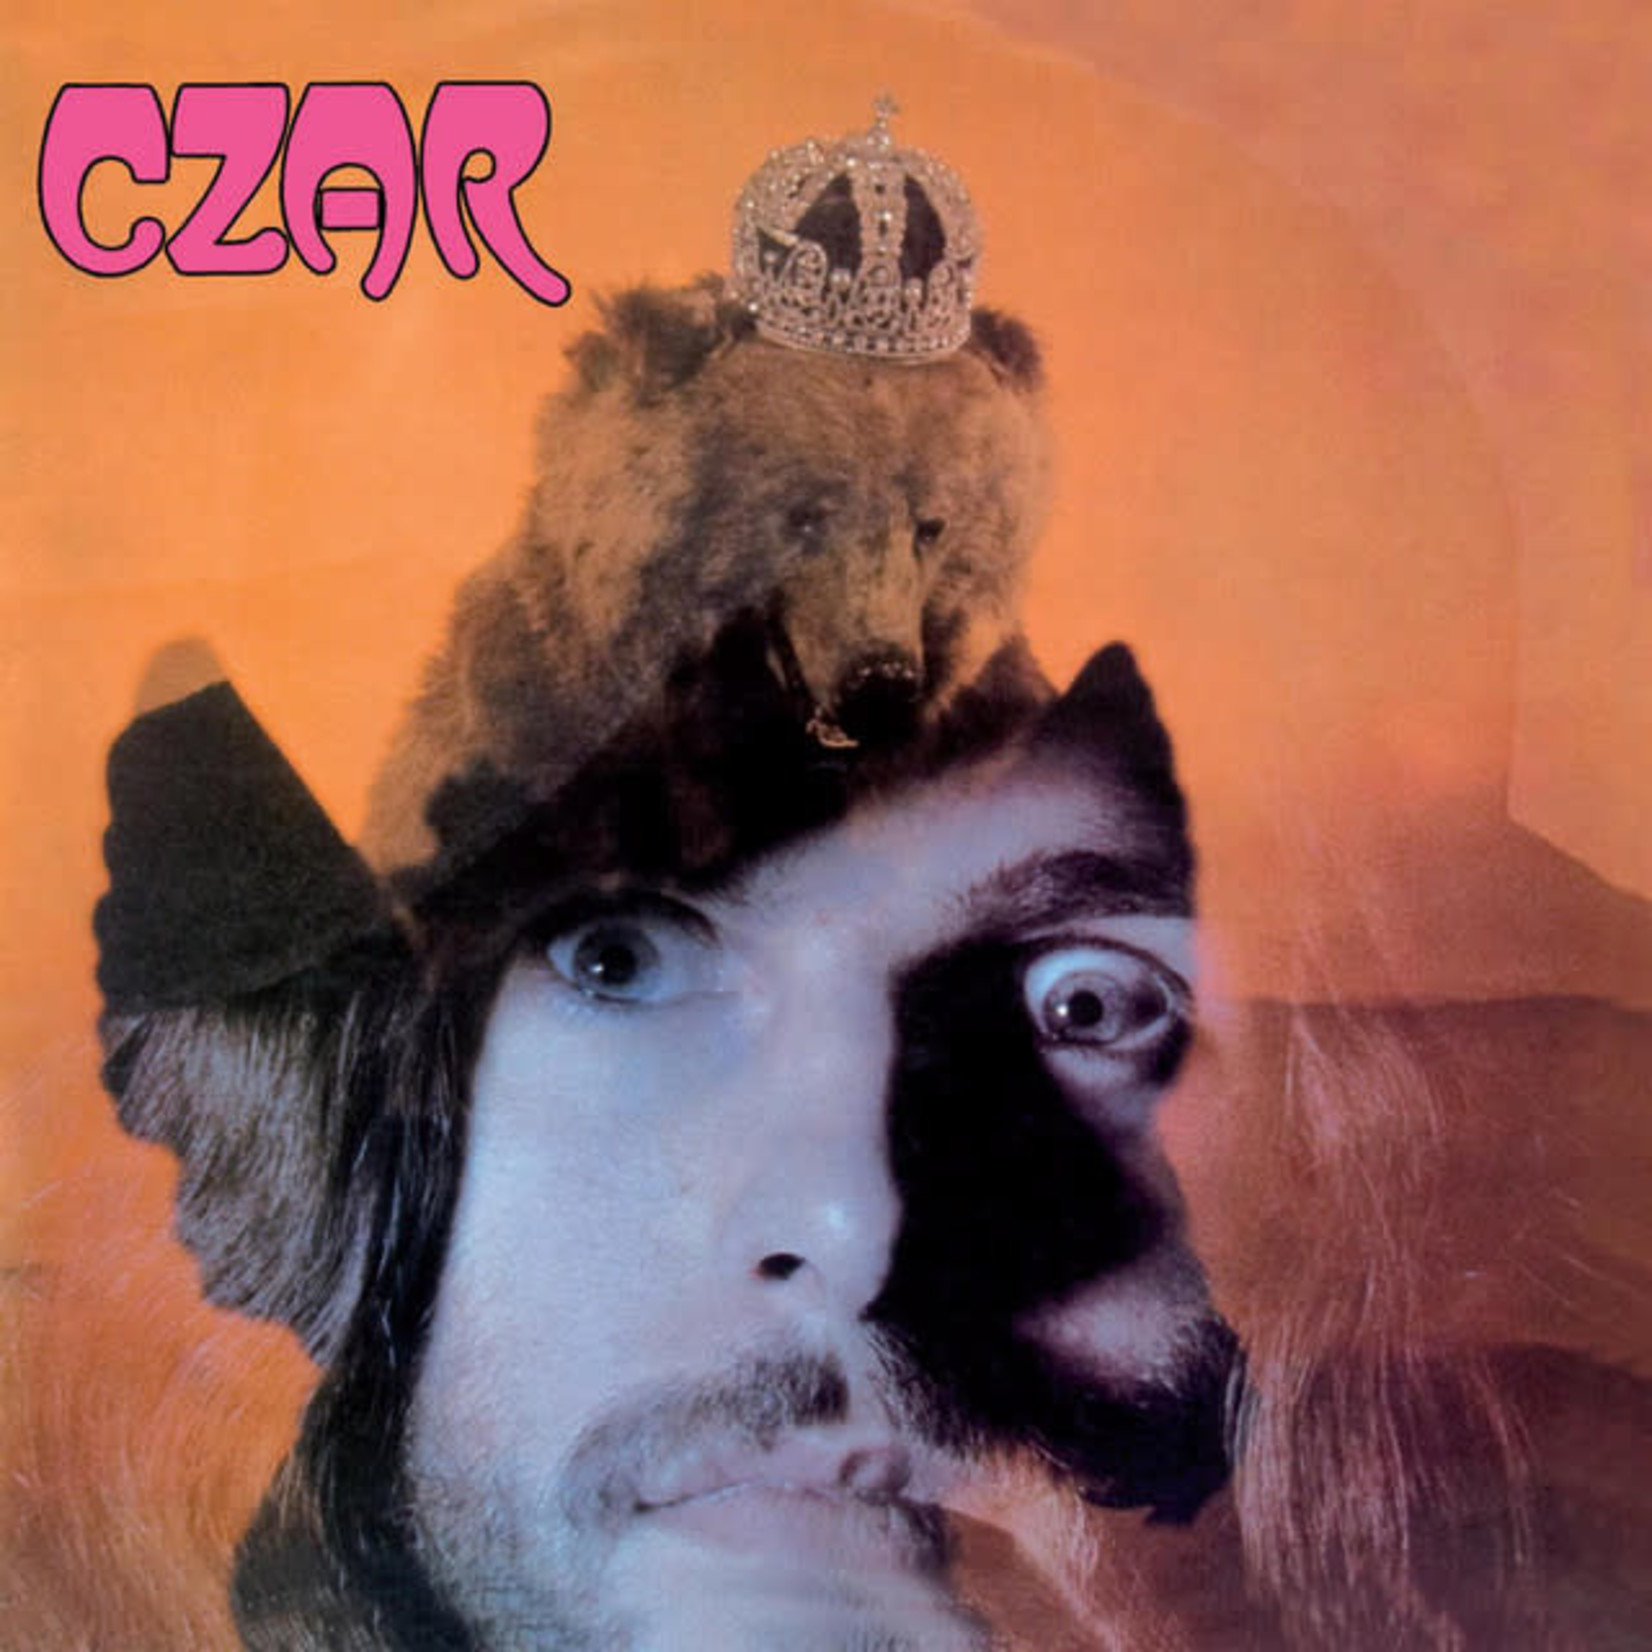 Vinyl Czar - ST